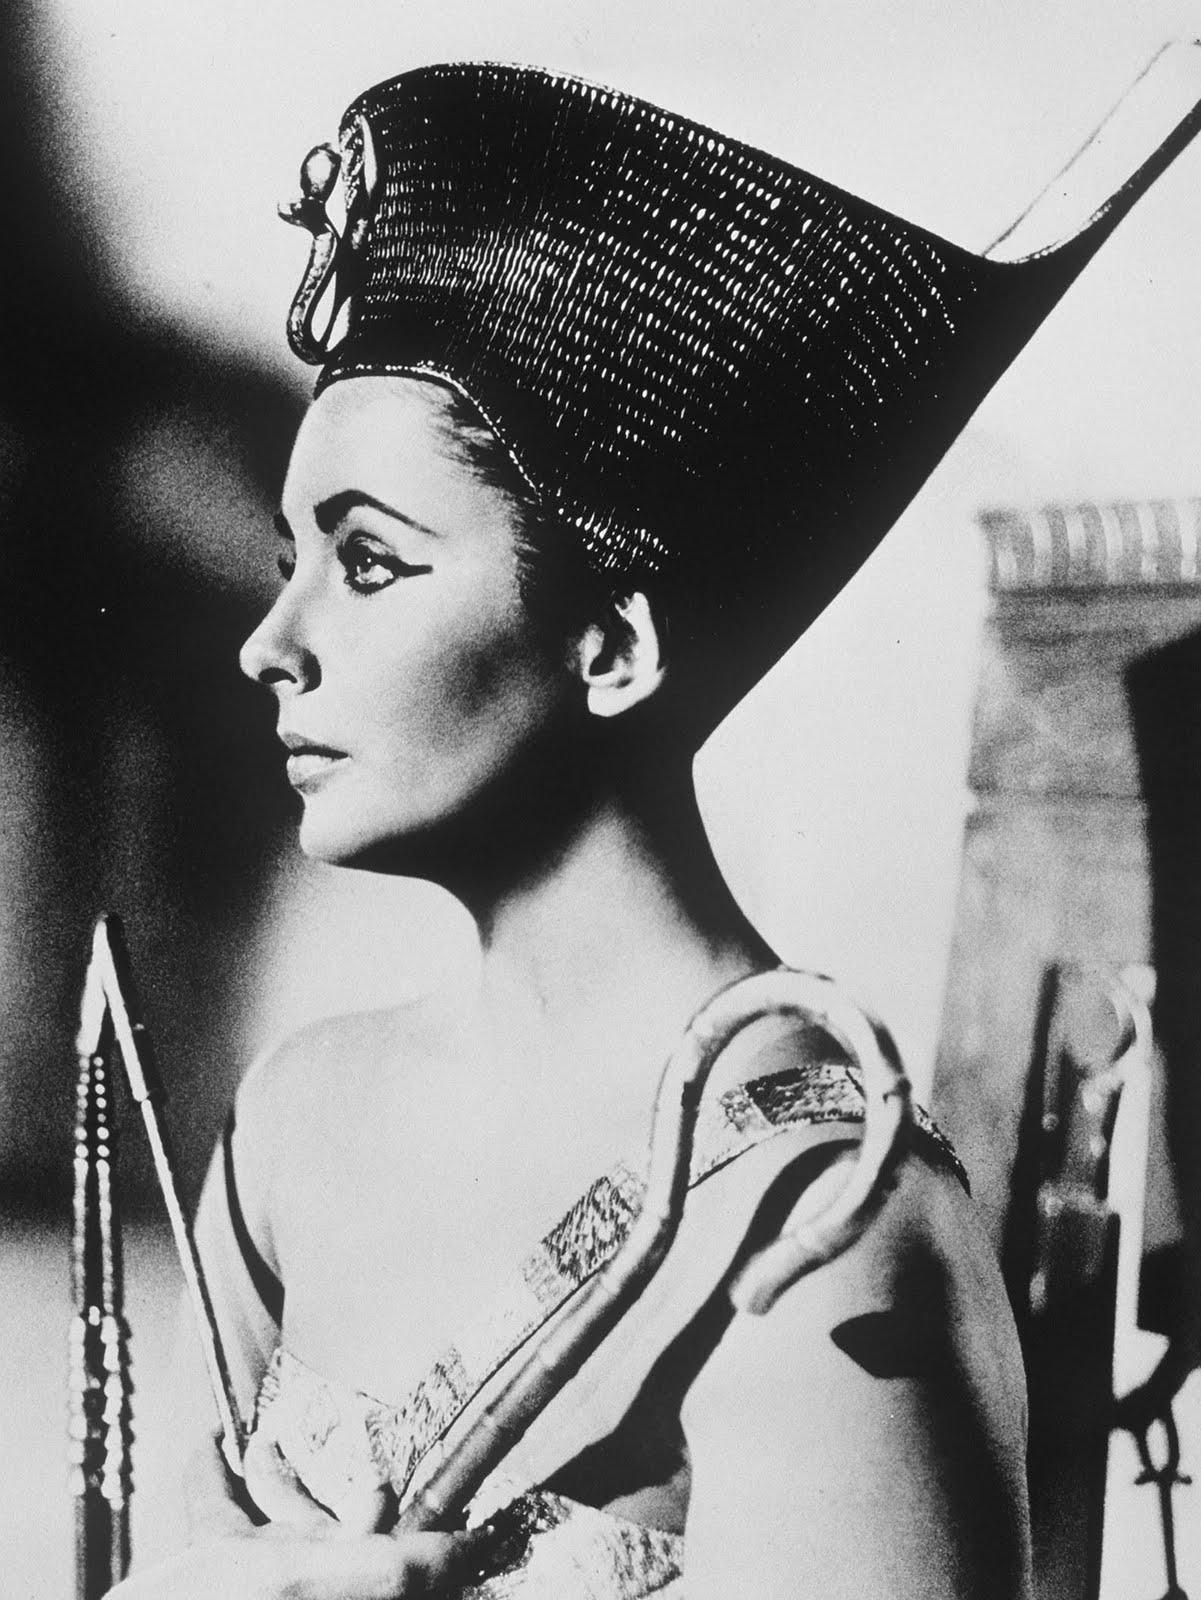 http://1.bp.blogspot.com/-eSA3DzZJ9XA/Tfu7y8TcytI/AAAAAAAABSM/7cYQ3vhL7Gg/s1600/Cleopatra-1963-elizabeth-taylor-16282230-1585-2112.jpg